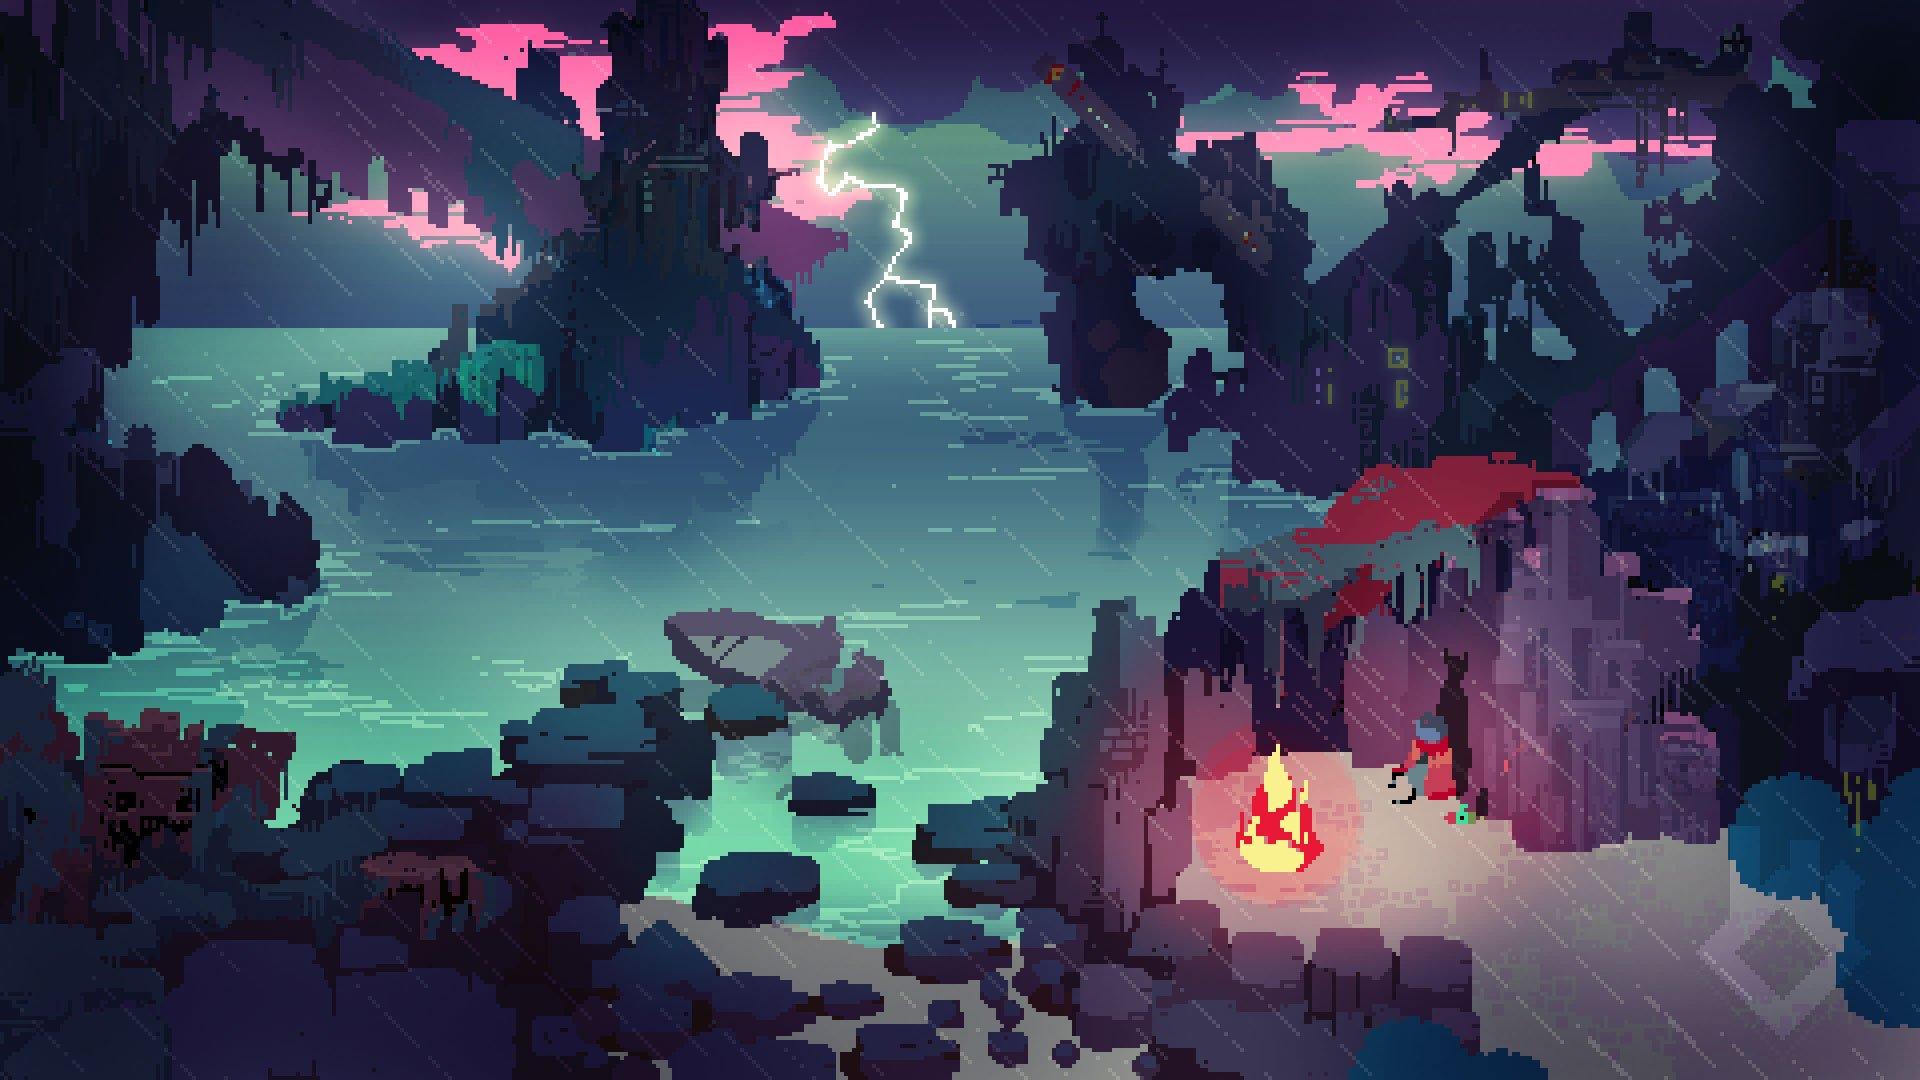 Прекрасная игра с душой Dark Souls. Обзор Hyper Light Drifter. - Изображение 1